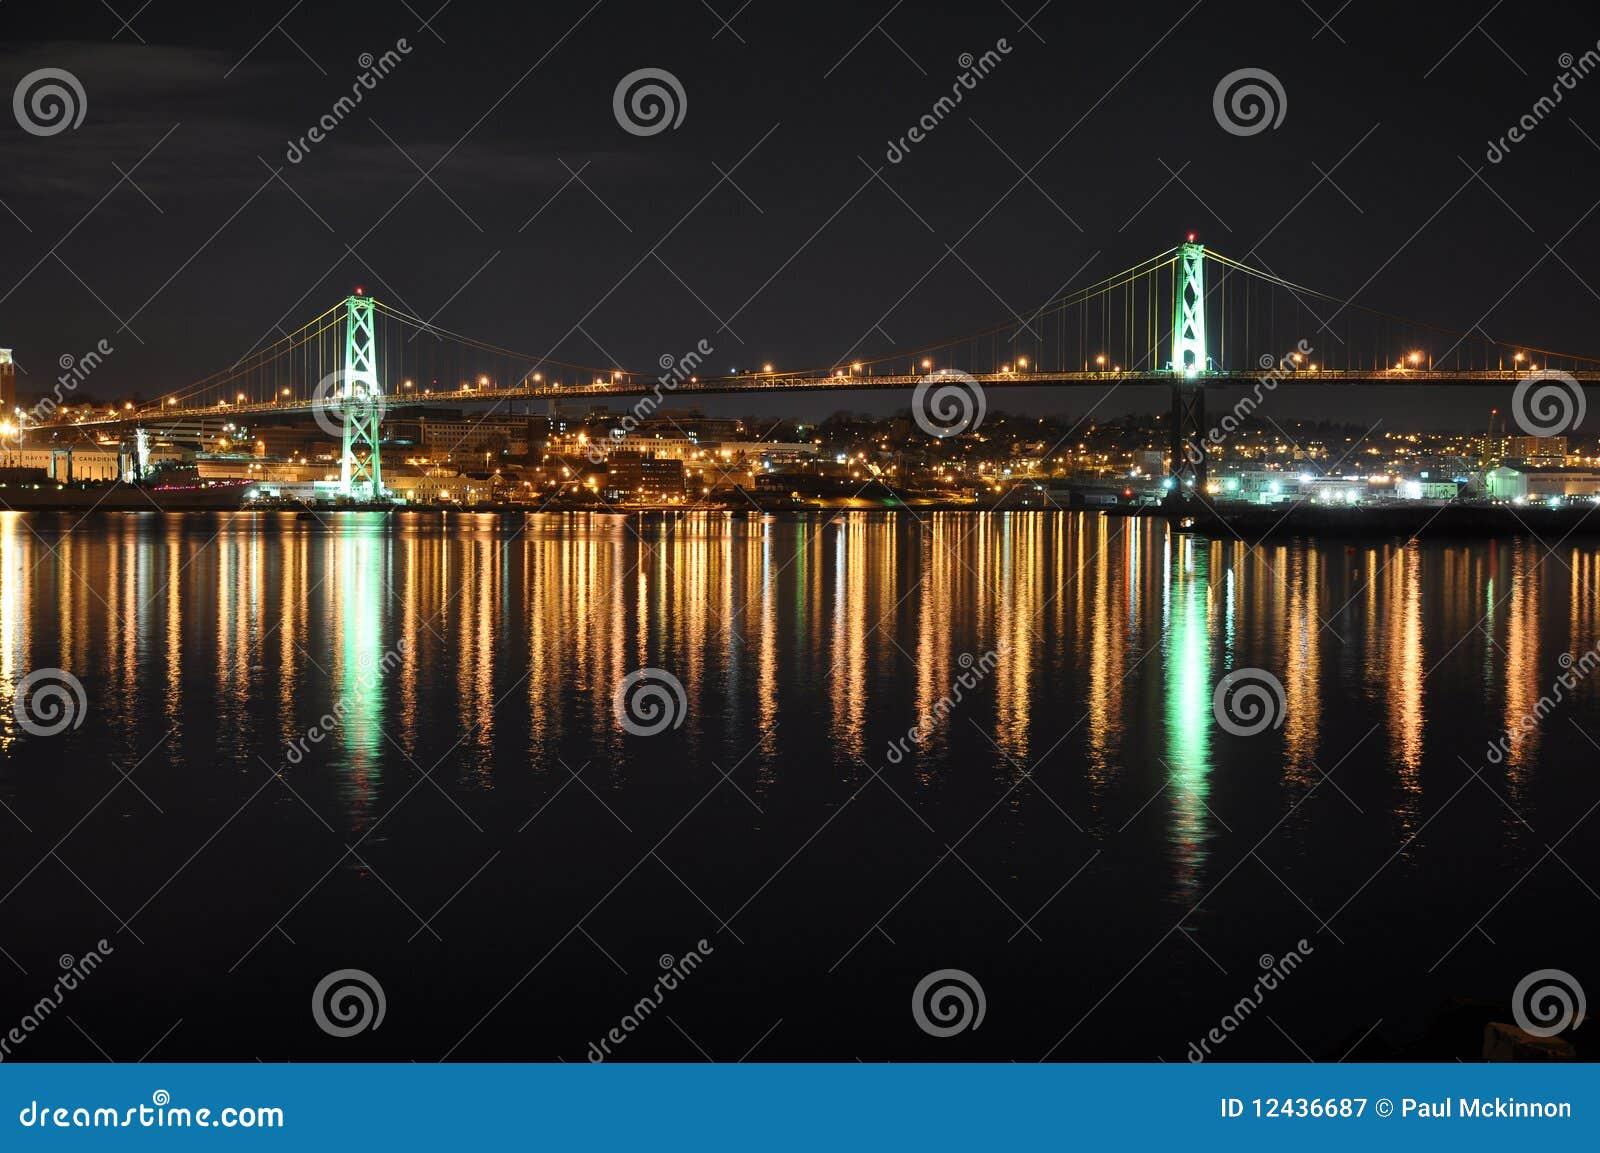 Puente Halifax de Angus L. Macdonald